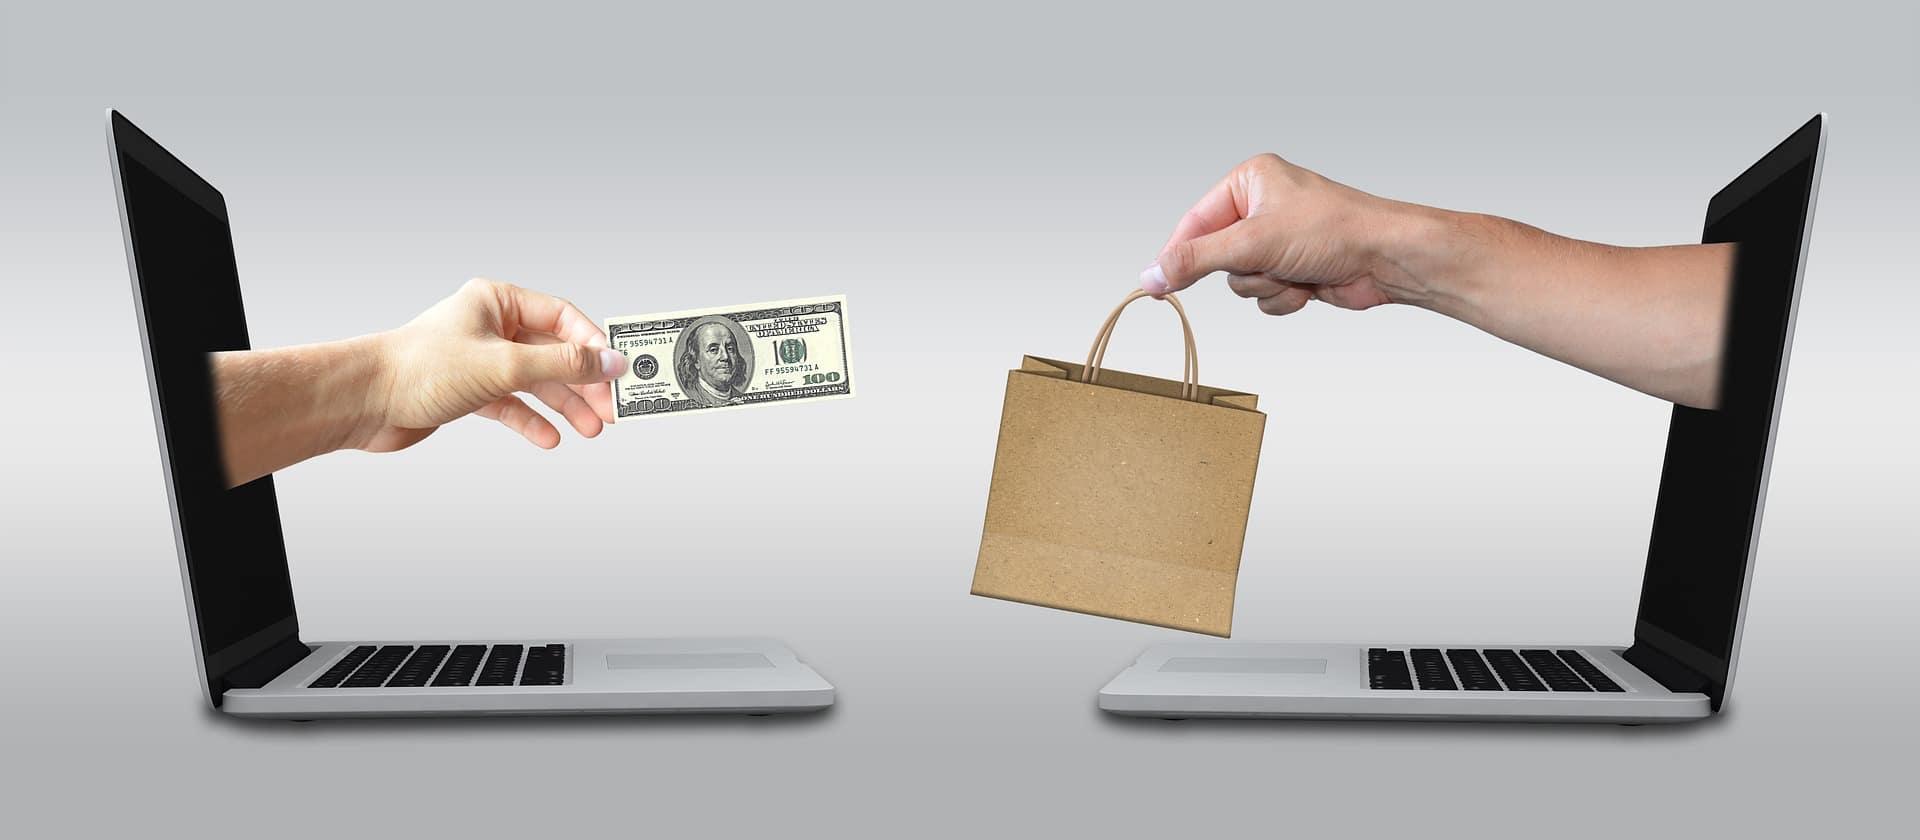 marketing_ecommerce